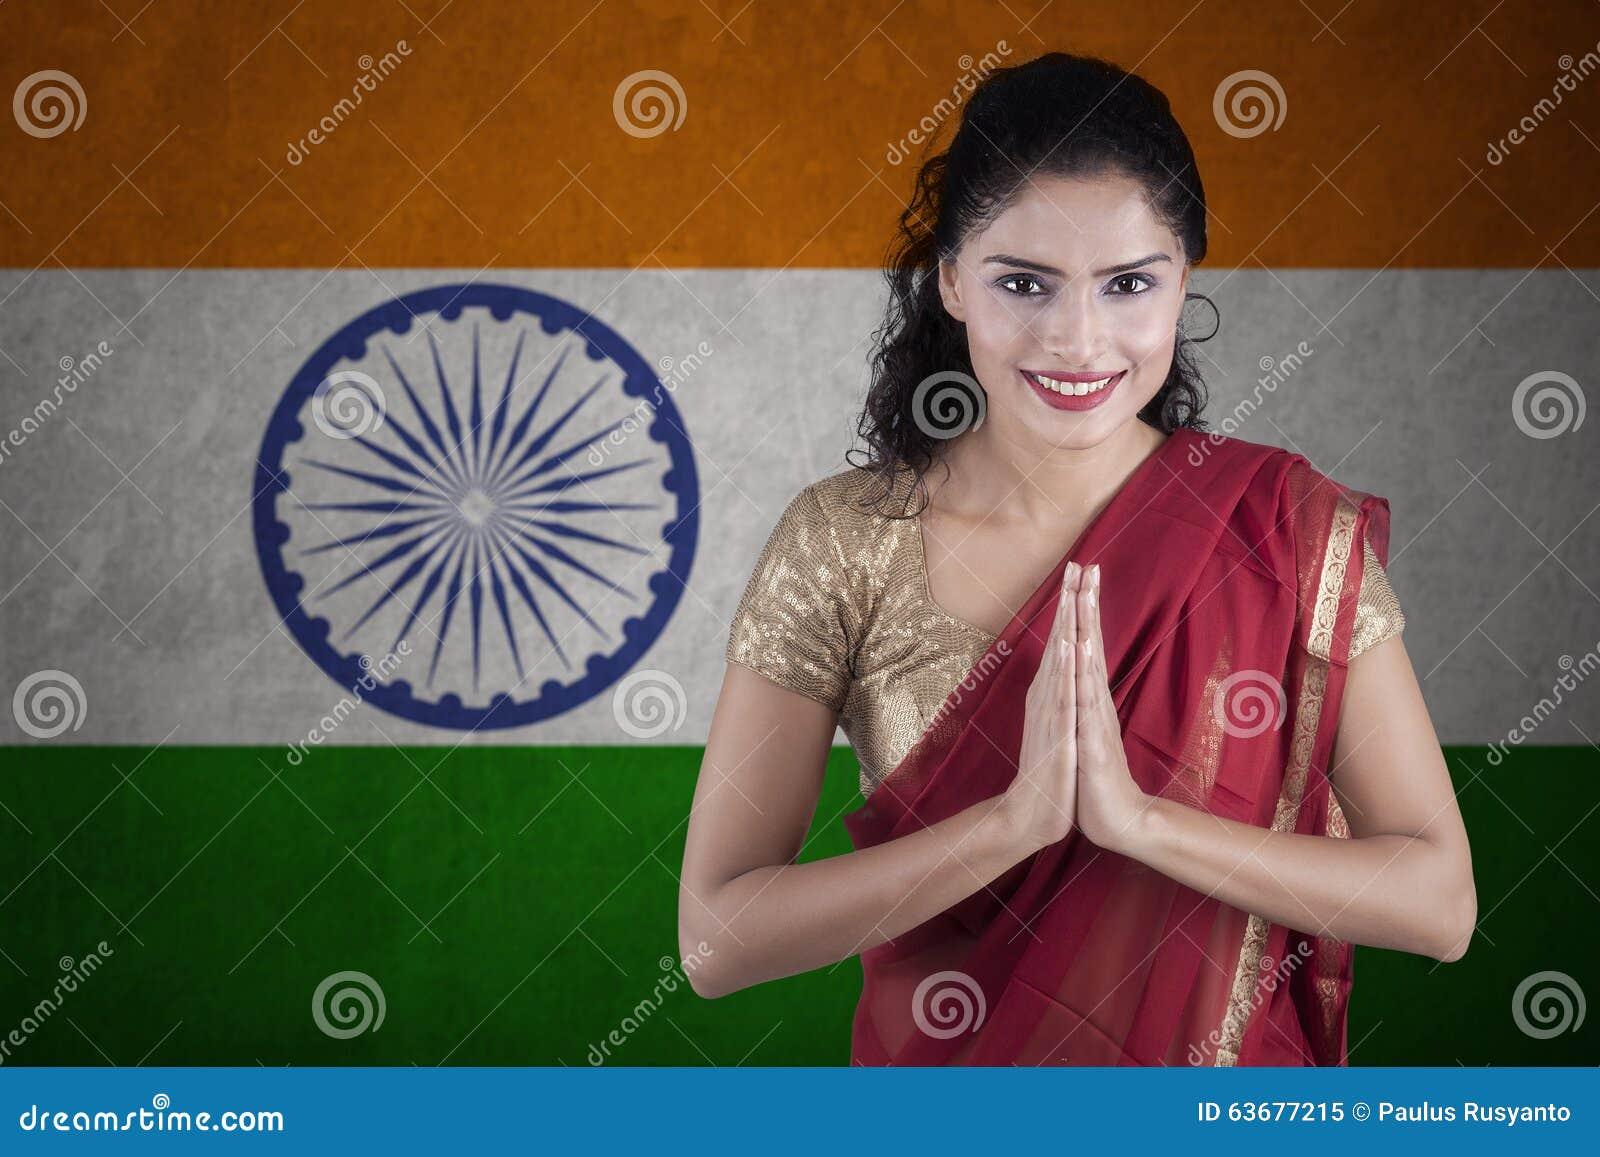 Индийская женщина с флагом Индии